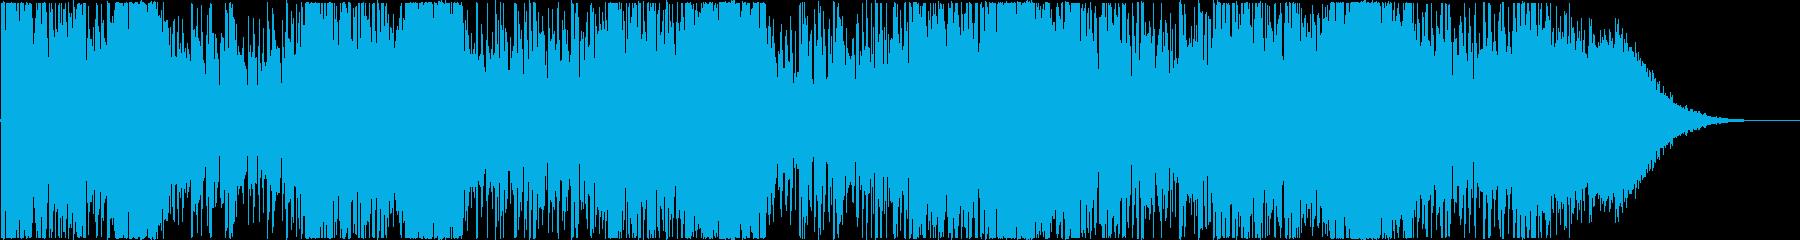 吹雪の再生済みの波形